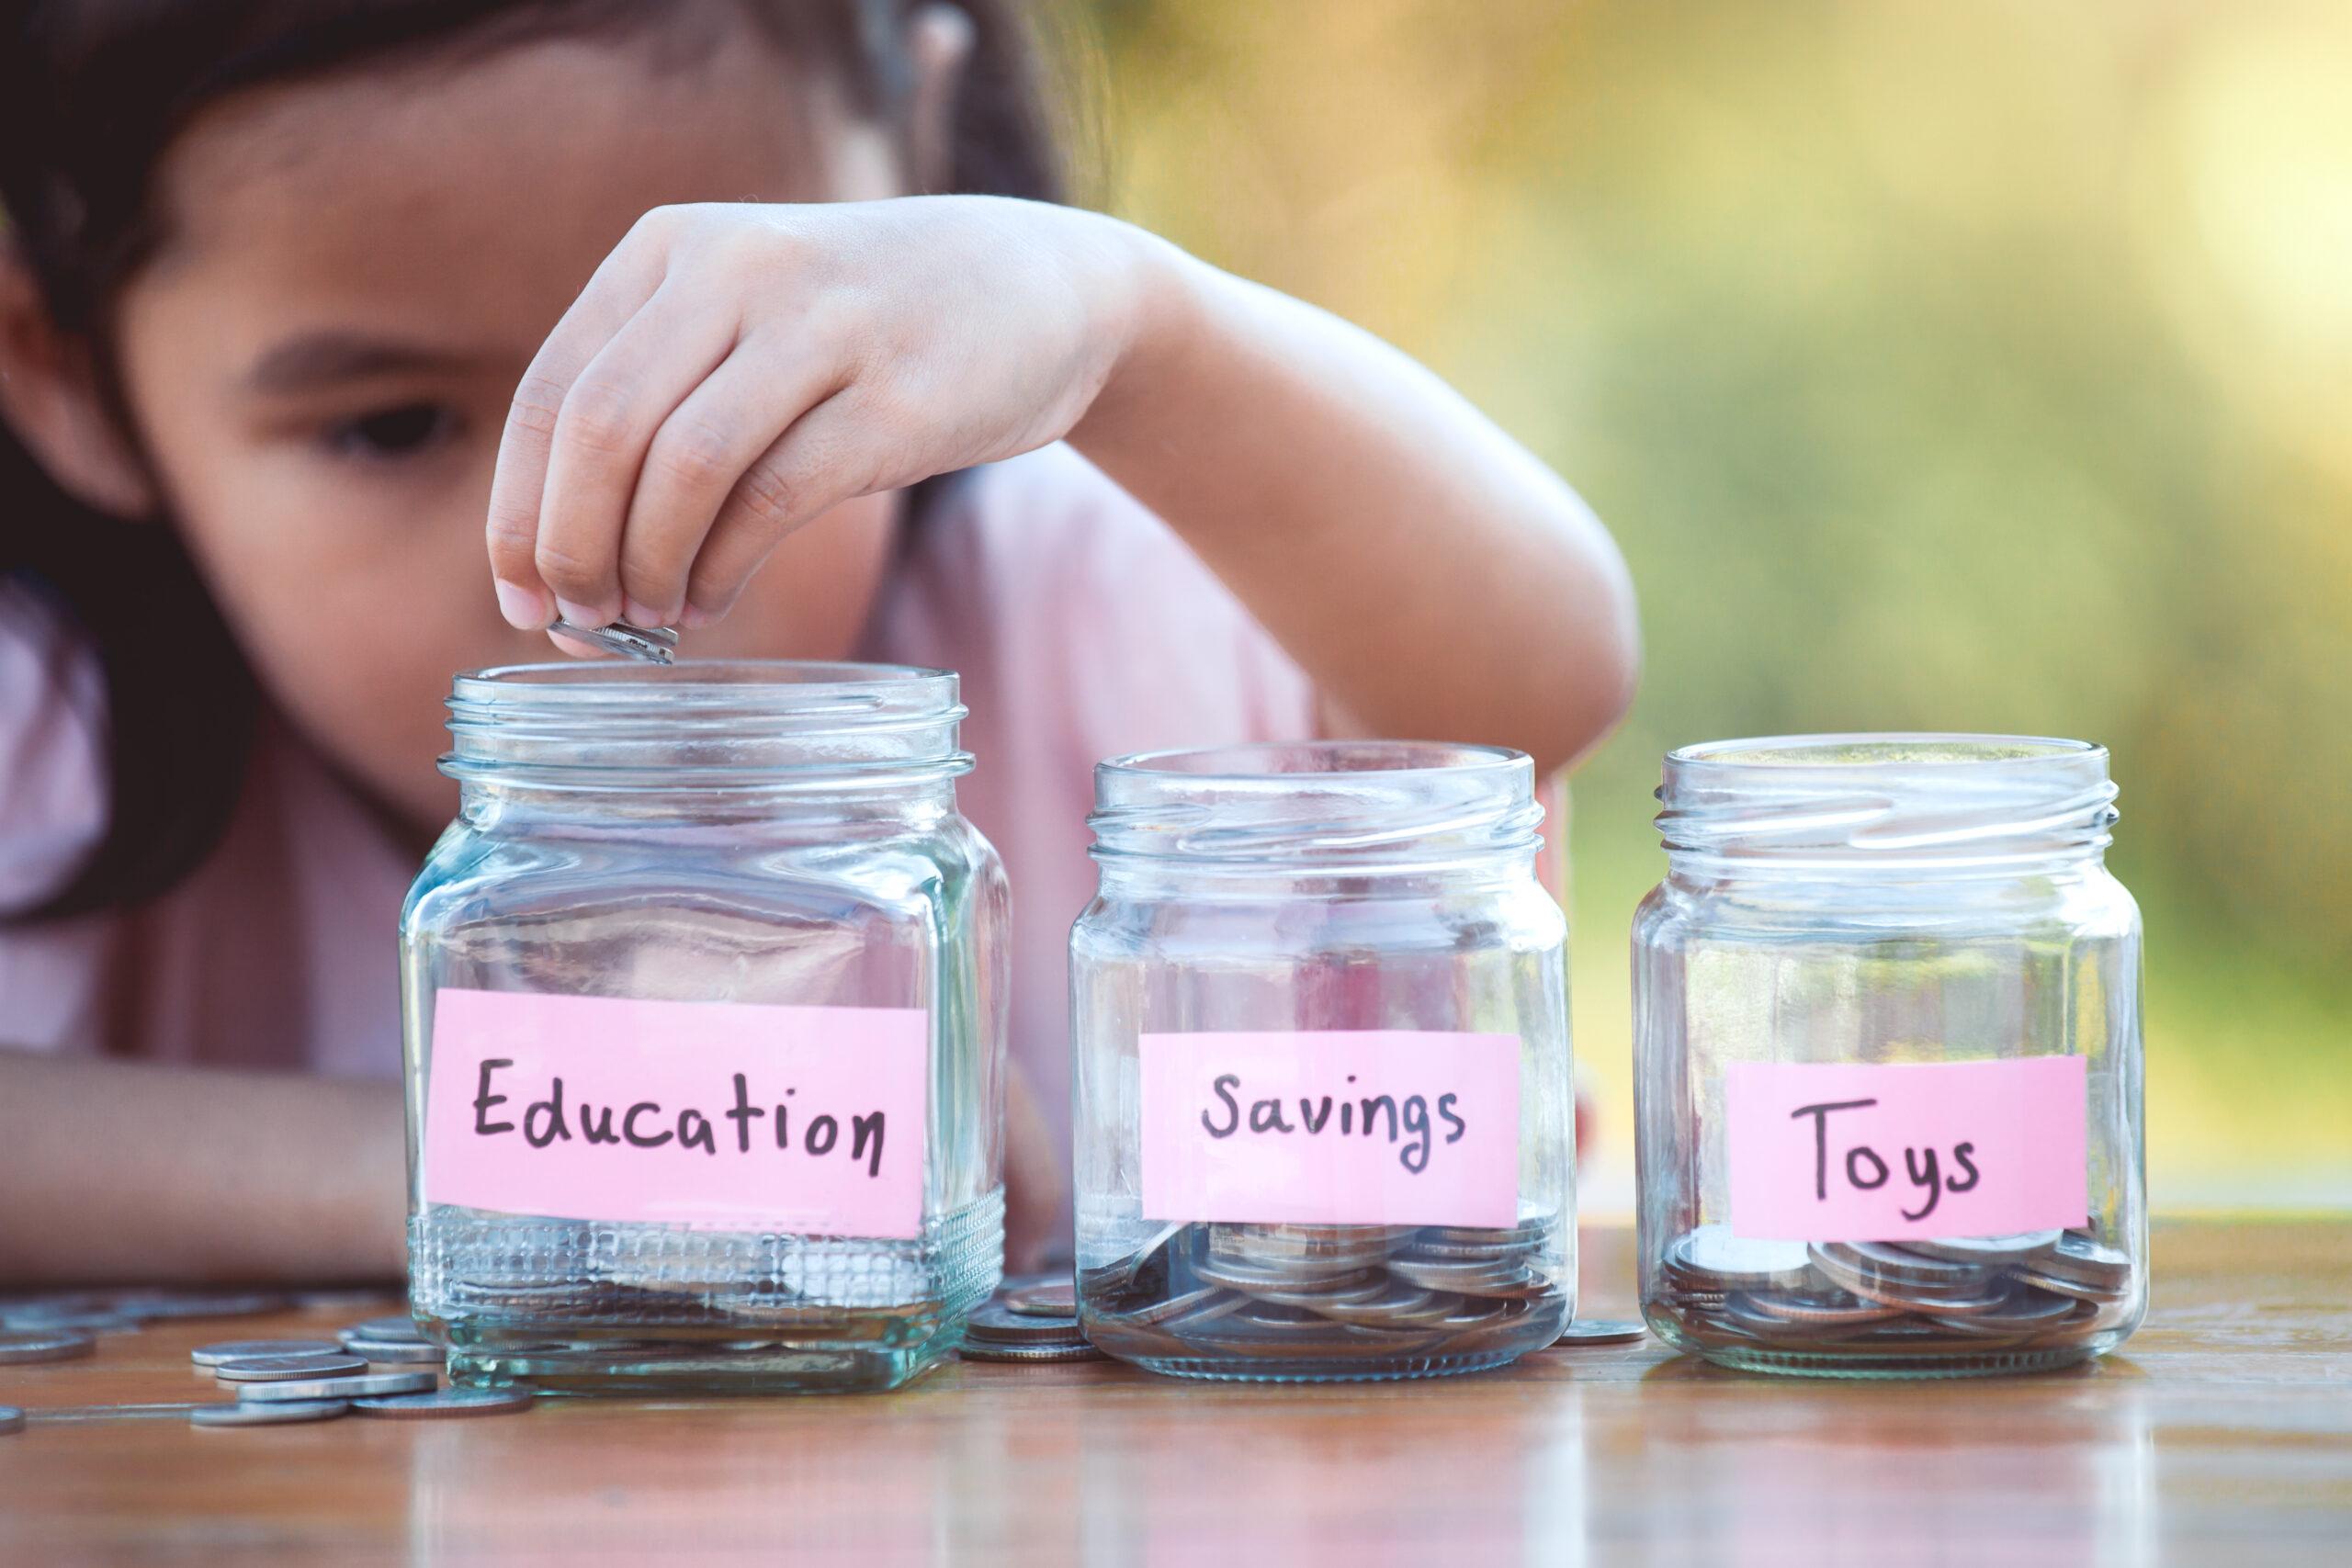 Kuhu kõik mu raha kaob? Teeme üheskoos Sinu rahaasjad korda ja õpetame lastele rahatarkust!